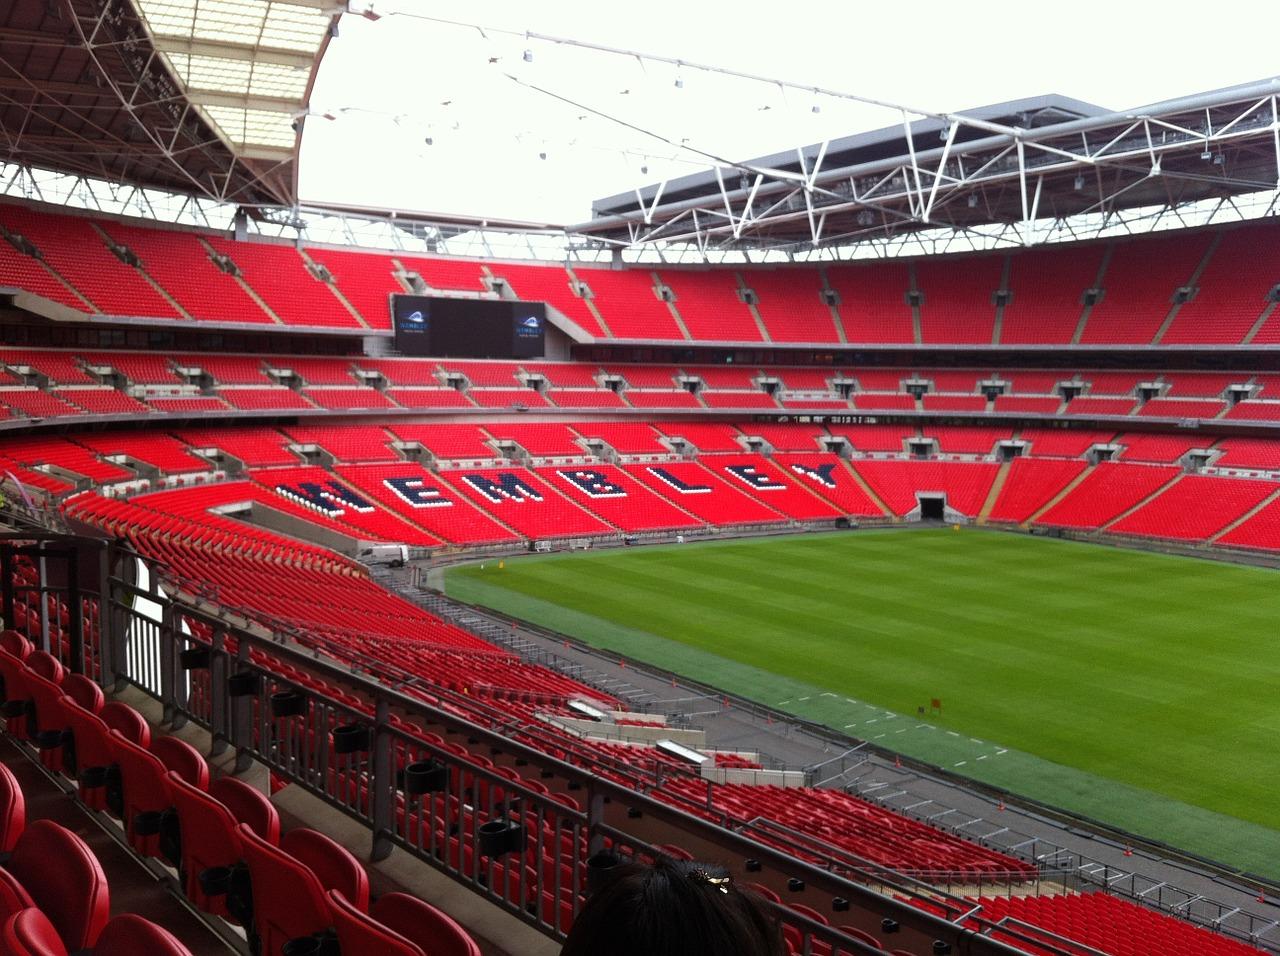 stadium-703932_1280